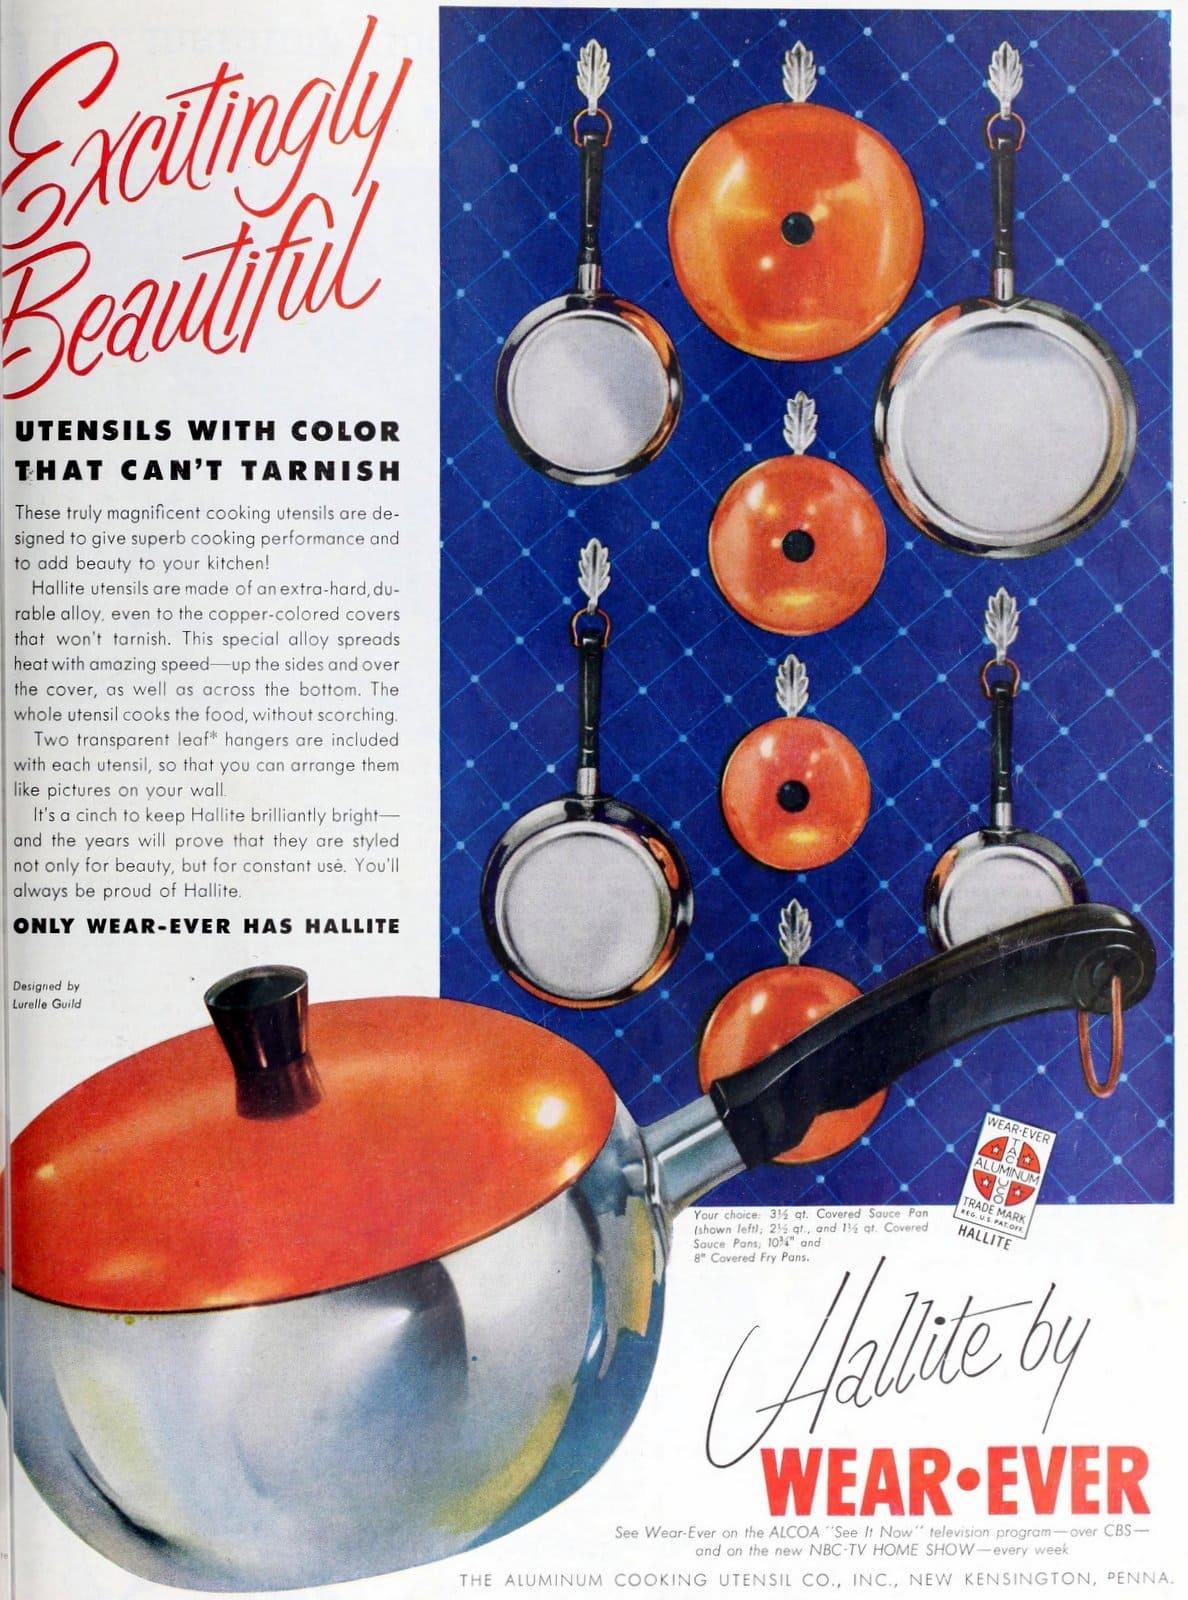 Vintage saucepans - Hallite by Wear-Ever (1954)